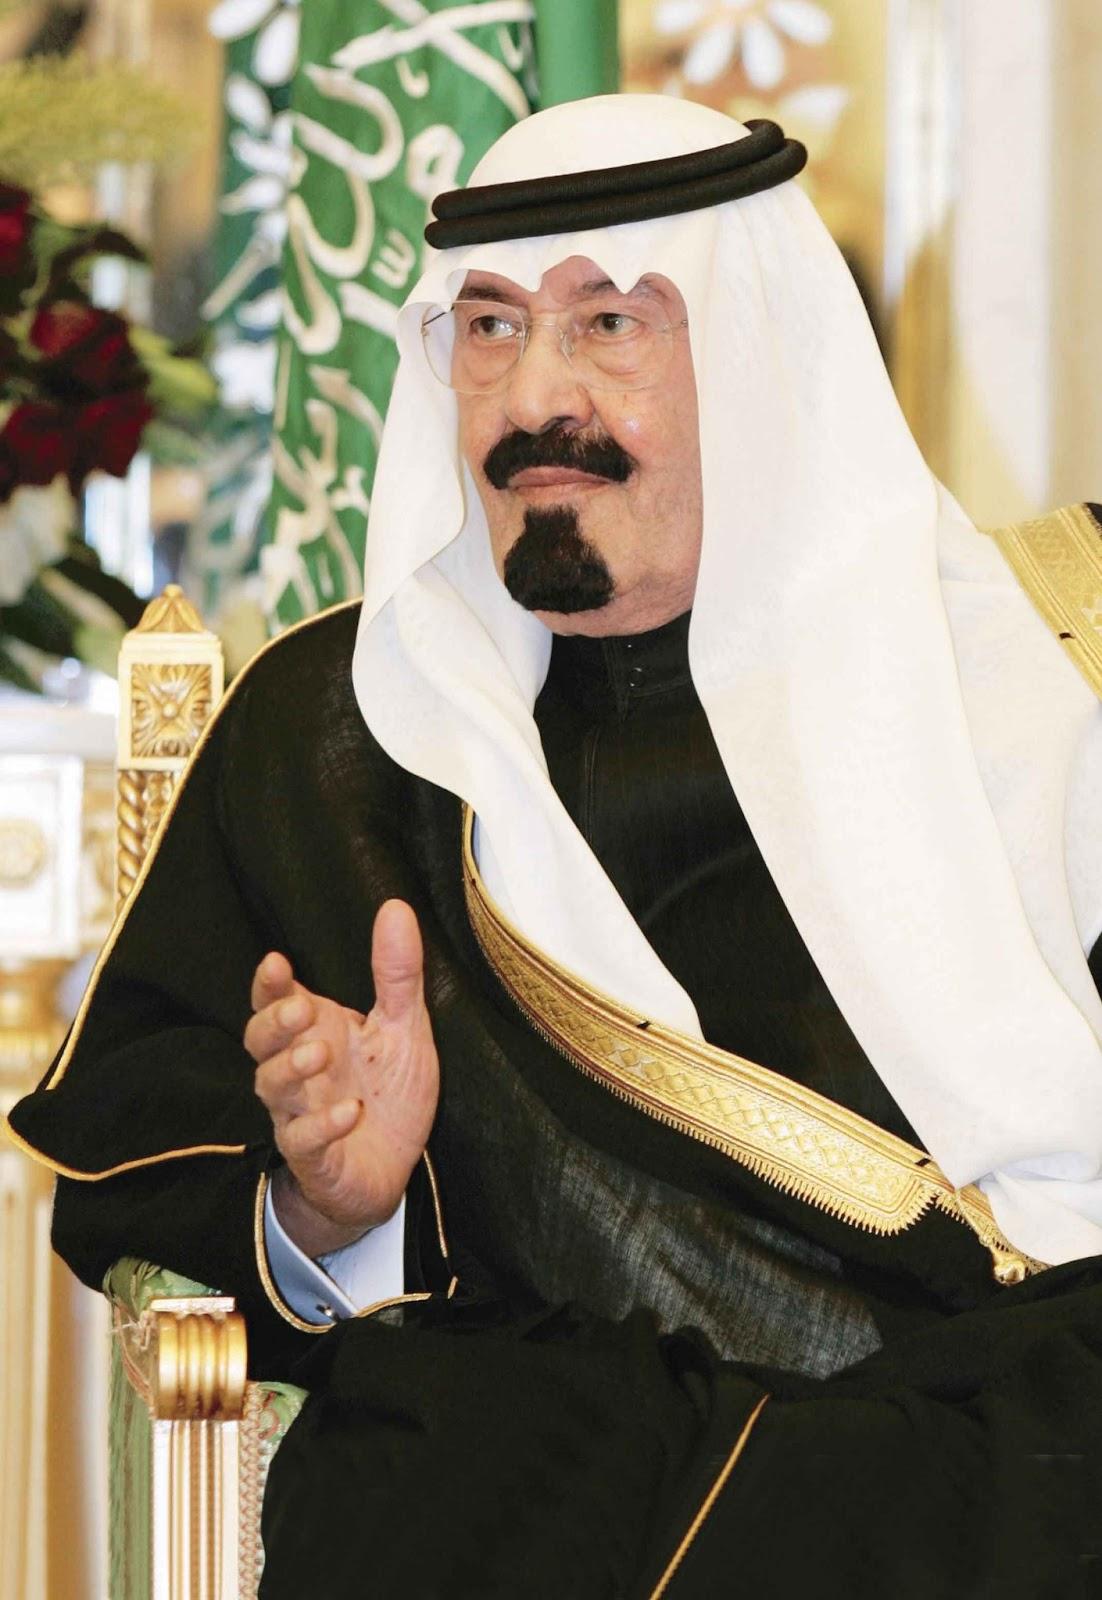 Free Download Wallpaper HD King Of Abdullah Saudi Arabia Nice Hq